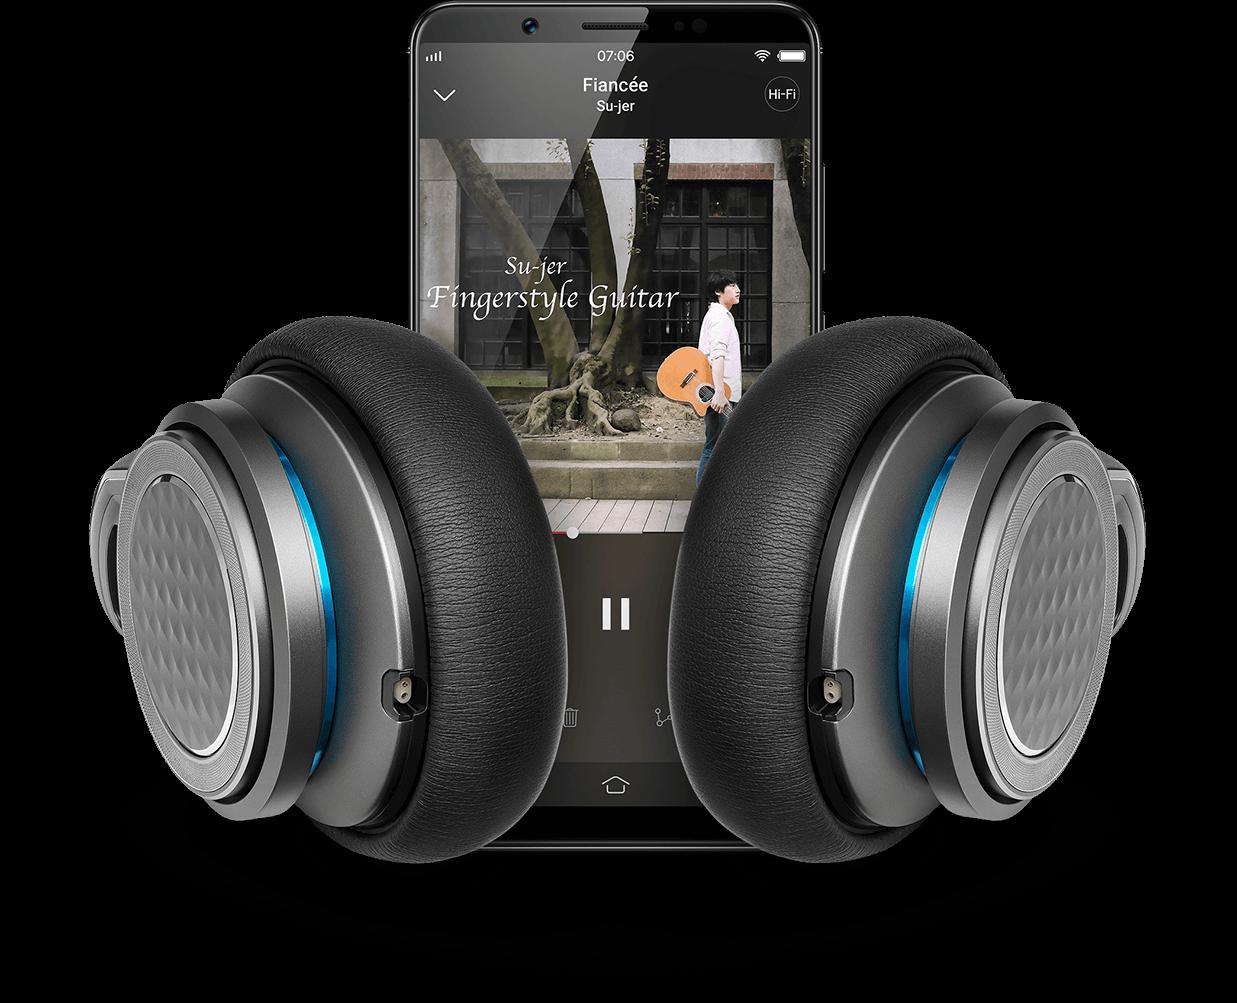 Анонс Vivo V7+: минимальные рамки и24-Мп фронтальная камера